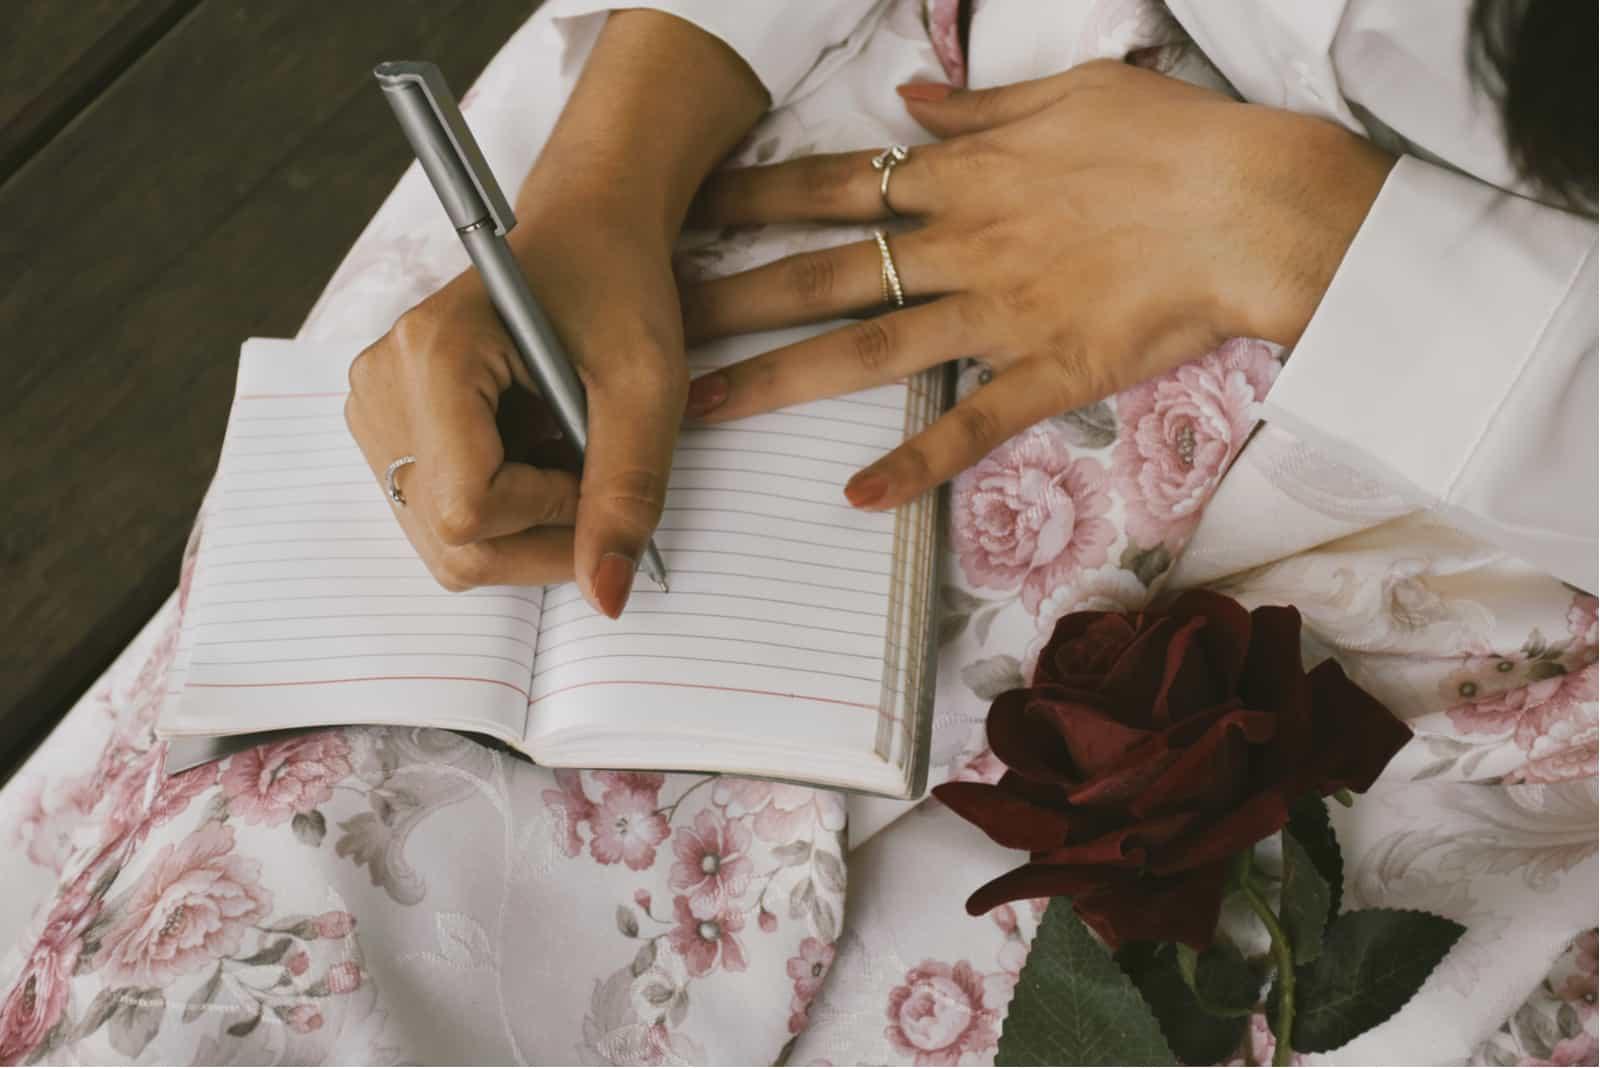 la femme s'assied et écrit